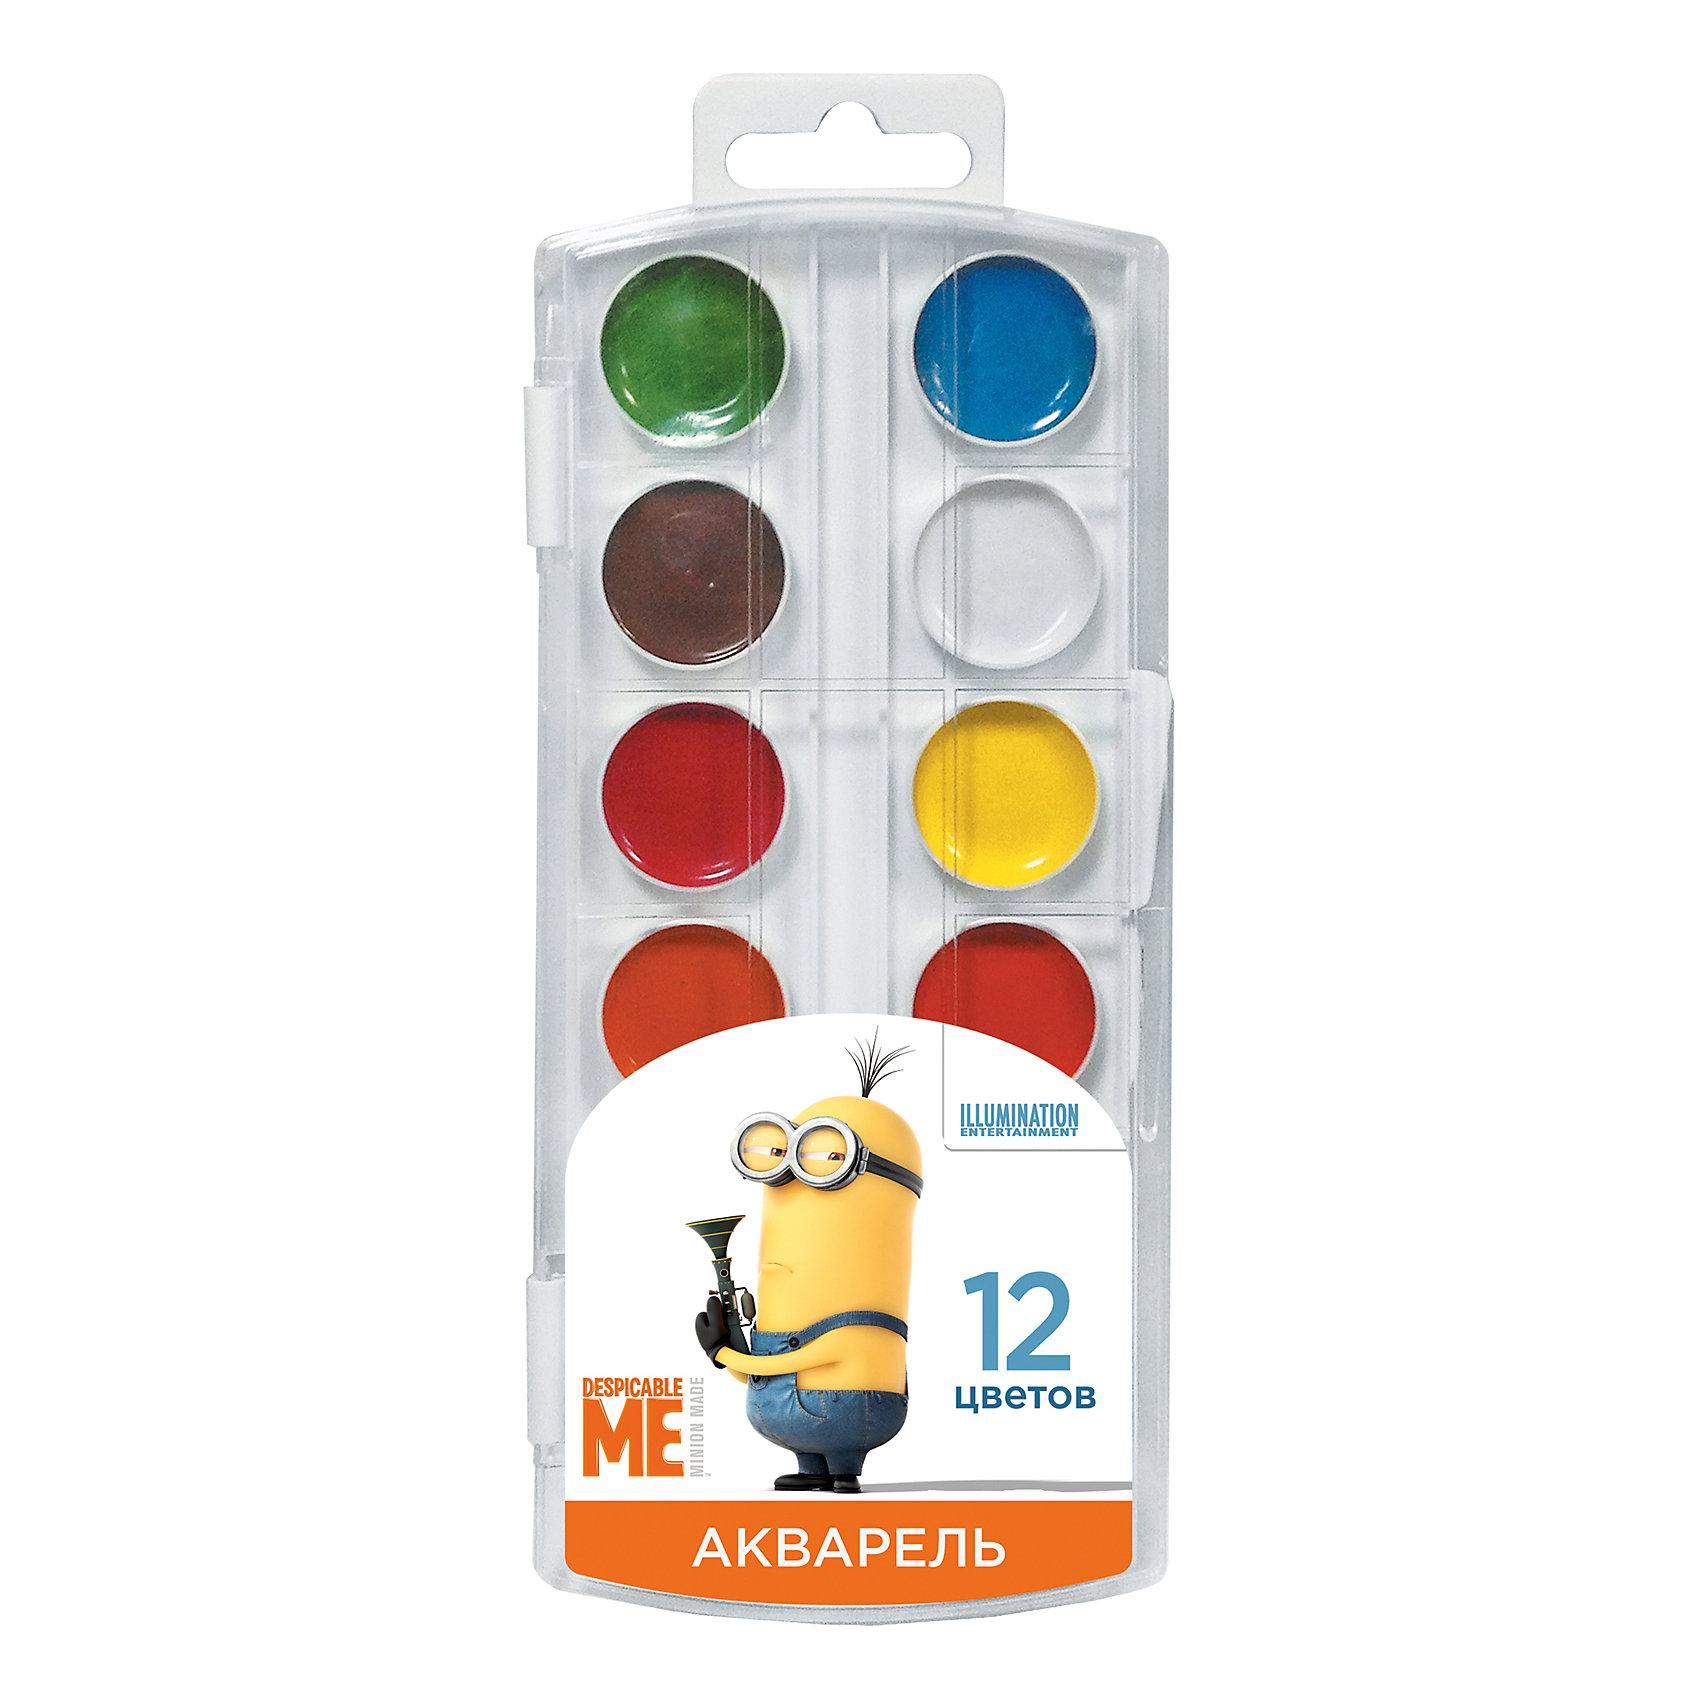 Акварель Гадкий Я 12 цветовВ наборе акварельных красок «Гадкий Я» 12 насыщенных цветов, которые помогут вашему малышу создать яркие картинки. Краски идеально подходят для рисования: они хорошо размываются водой, легко наносятся на поверхность, быстро сохнут, безопасны при использовании по назначению. <br><br>Дополнительная информация:<br><br>Состав: вода питьевая, декстрин, глицерин, сахар, органические и неорганические тонкодисперсные пигменты, консервант, наполнитель.<br>Не содержит спирта. <br>Срок годности не ограничен.<br>Размер упаковки: 8,5х19,7х1,2 см.<br><br>Акварель Гадкий Я 12 цветов можно купить в нашем магазине.<br><br>Ширина мм: 195<br>Глубина мм: 80<br>Высота мм: 10<br>Вес г: 80<br>Возраст от месяцев: 36<br>Возраст до месяцев: 108<br>Пол: Унисекс<br>Возраст: Детский<br>SKU: 4602315